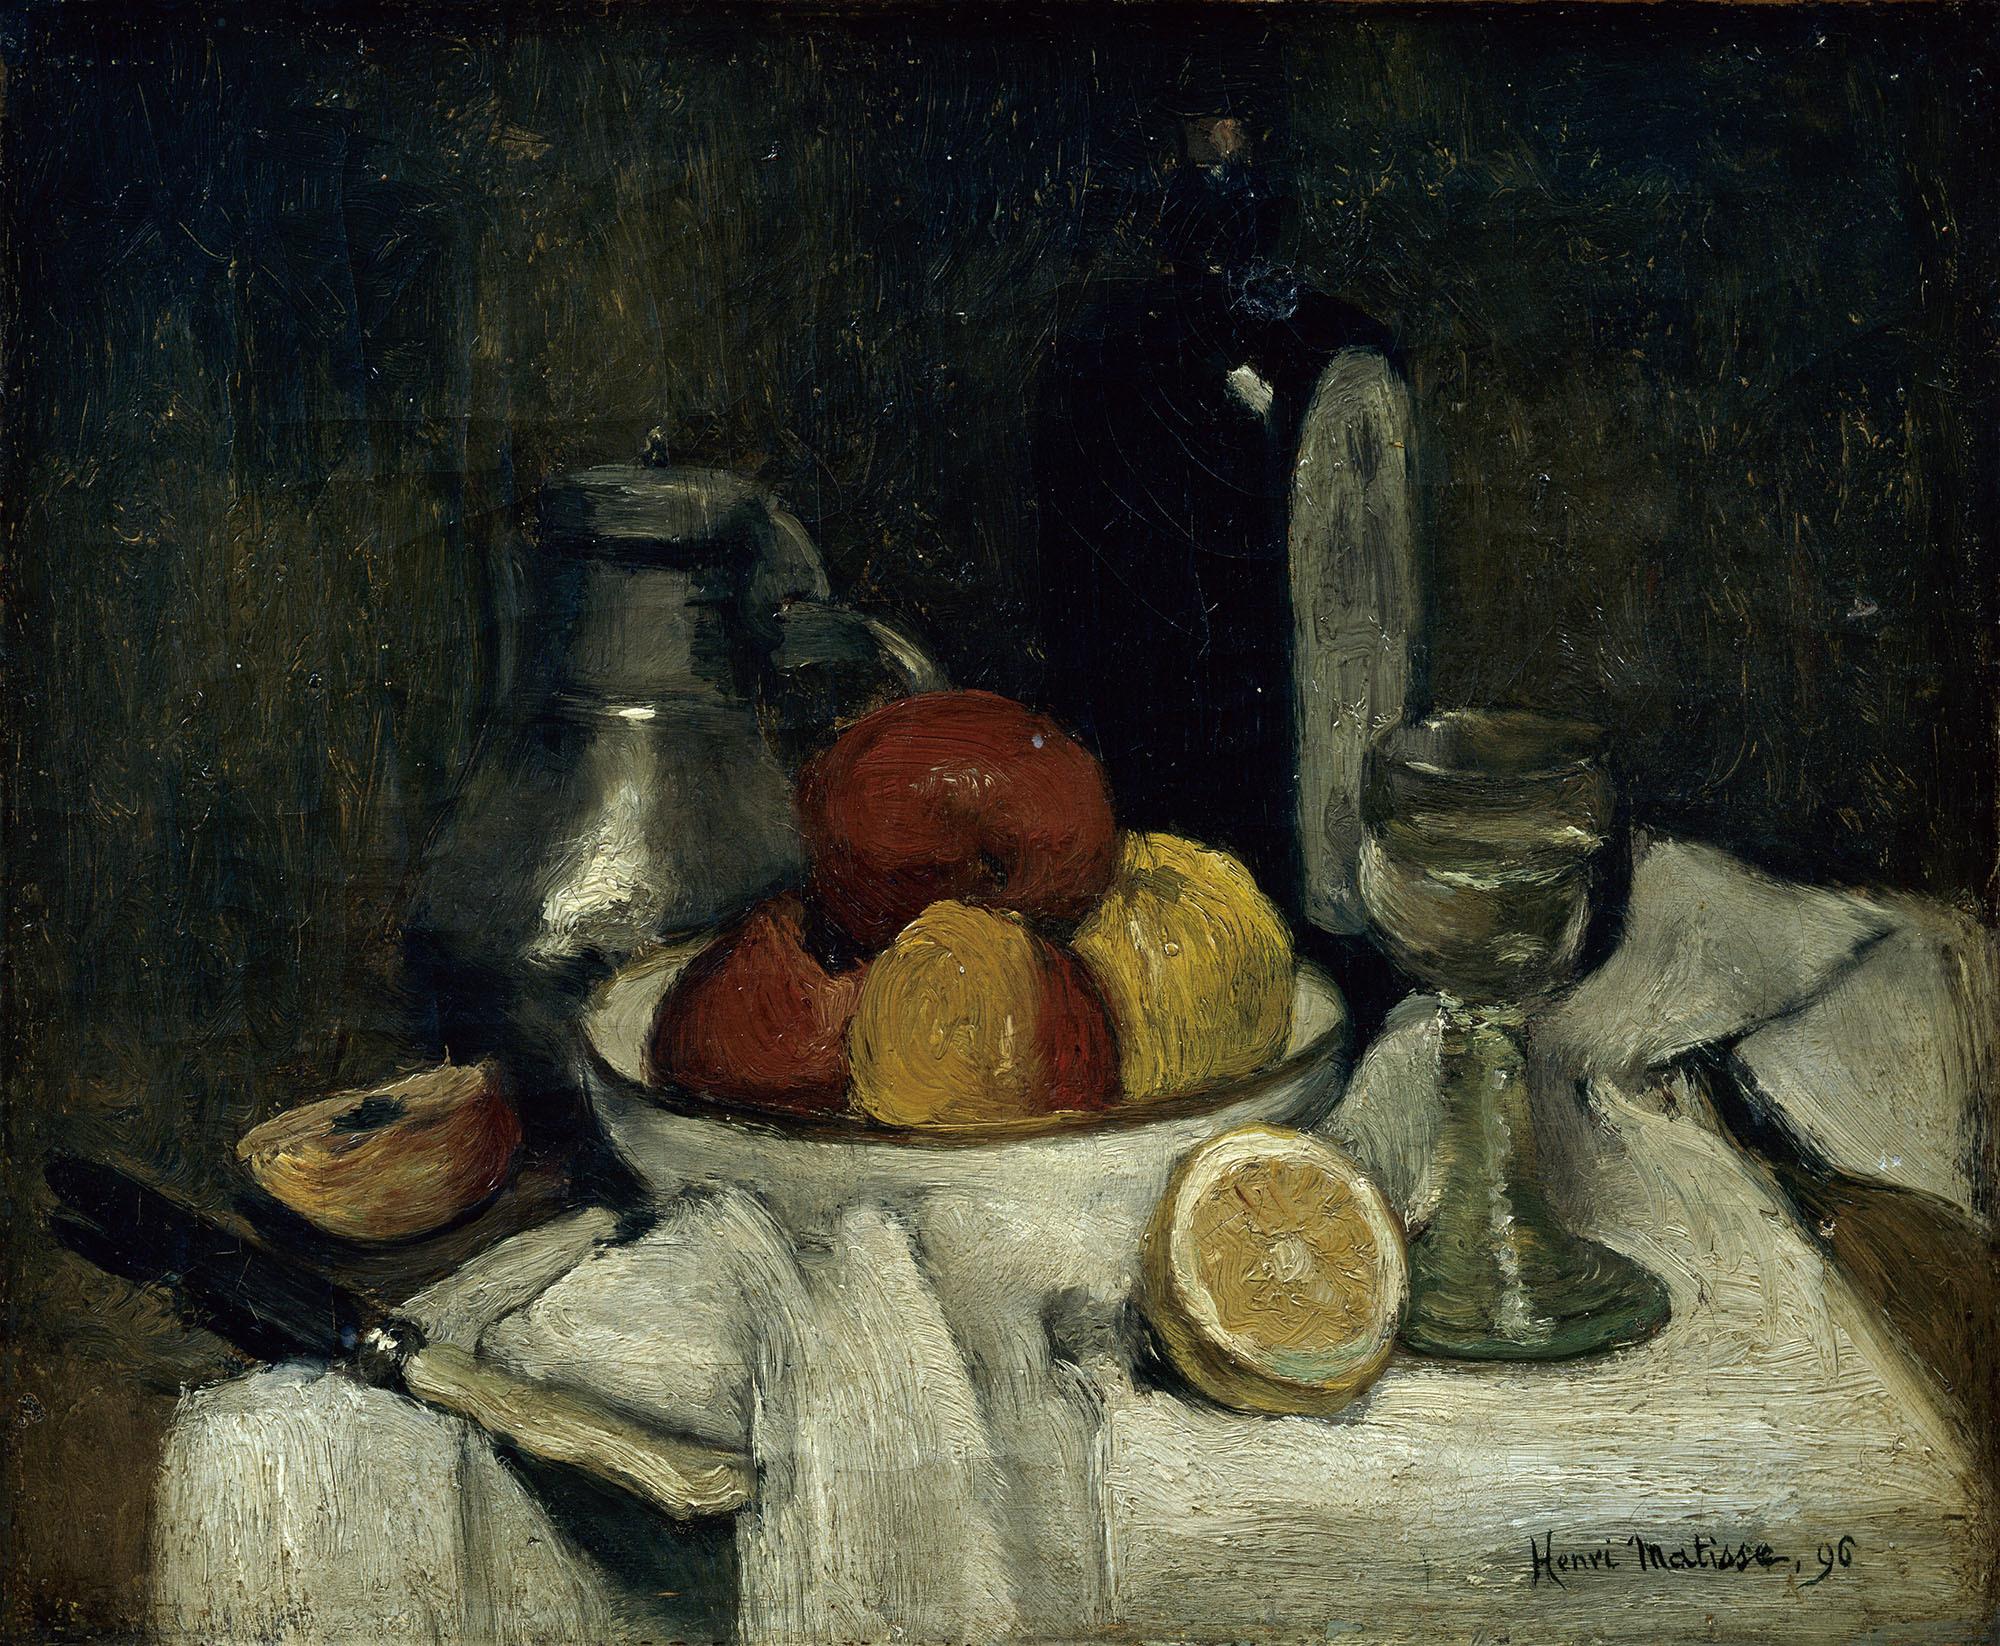 アンリ・マティス《スヒーダムの瓶のある静物》1896年 マティス美術館、ル・カトー=カンブレジ